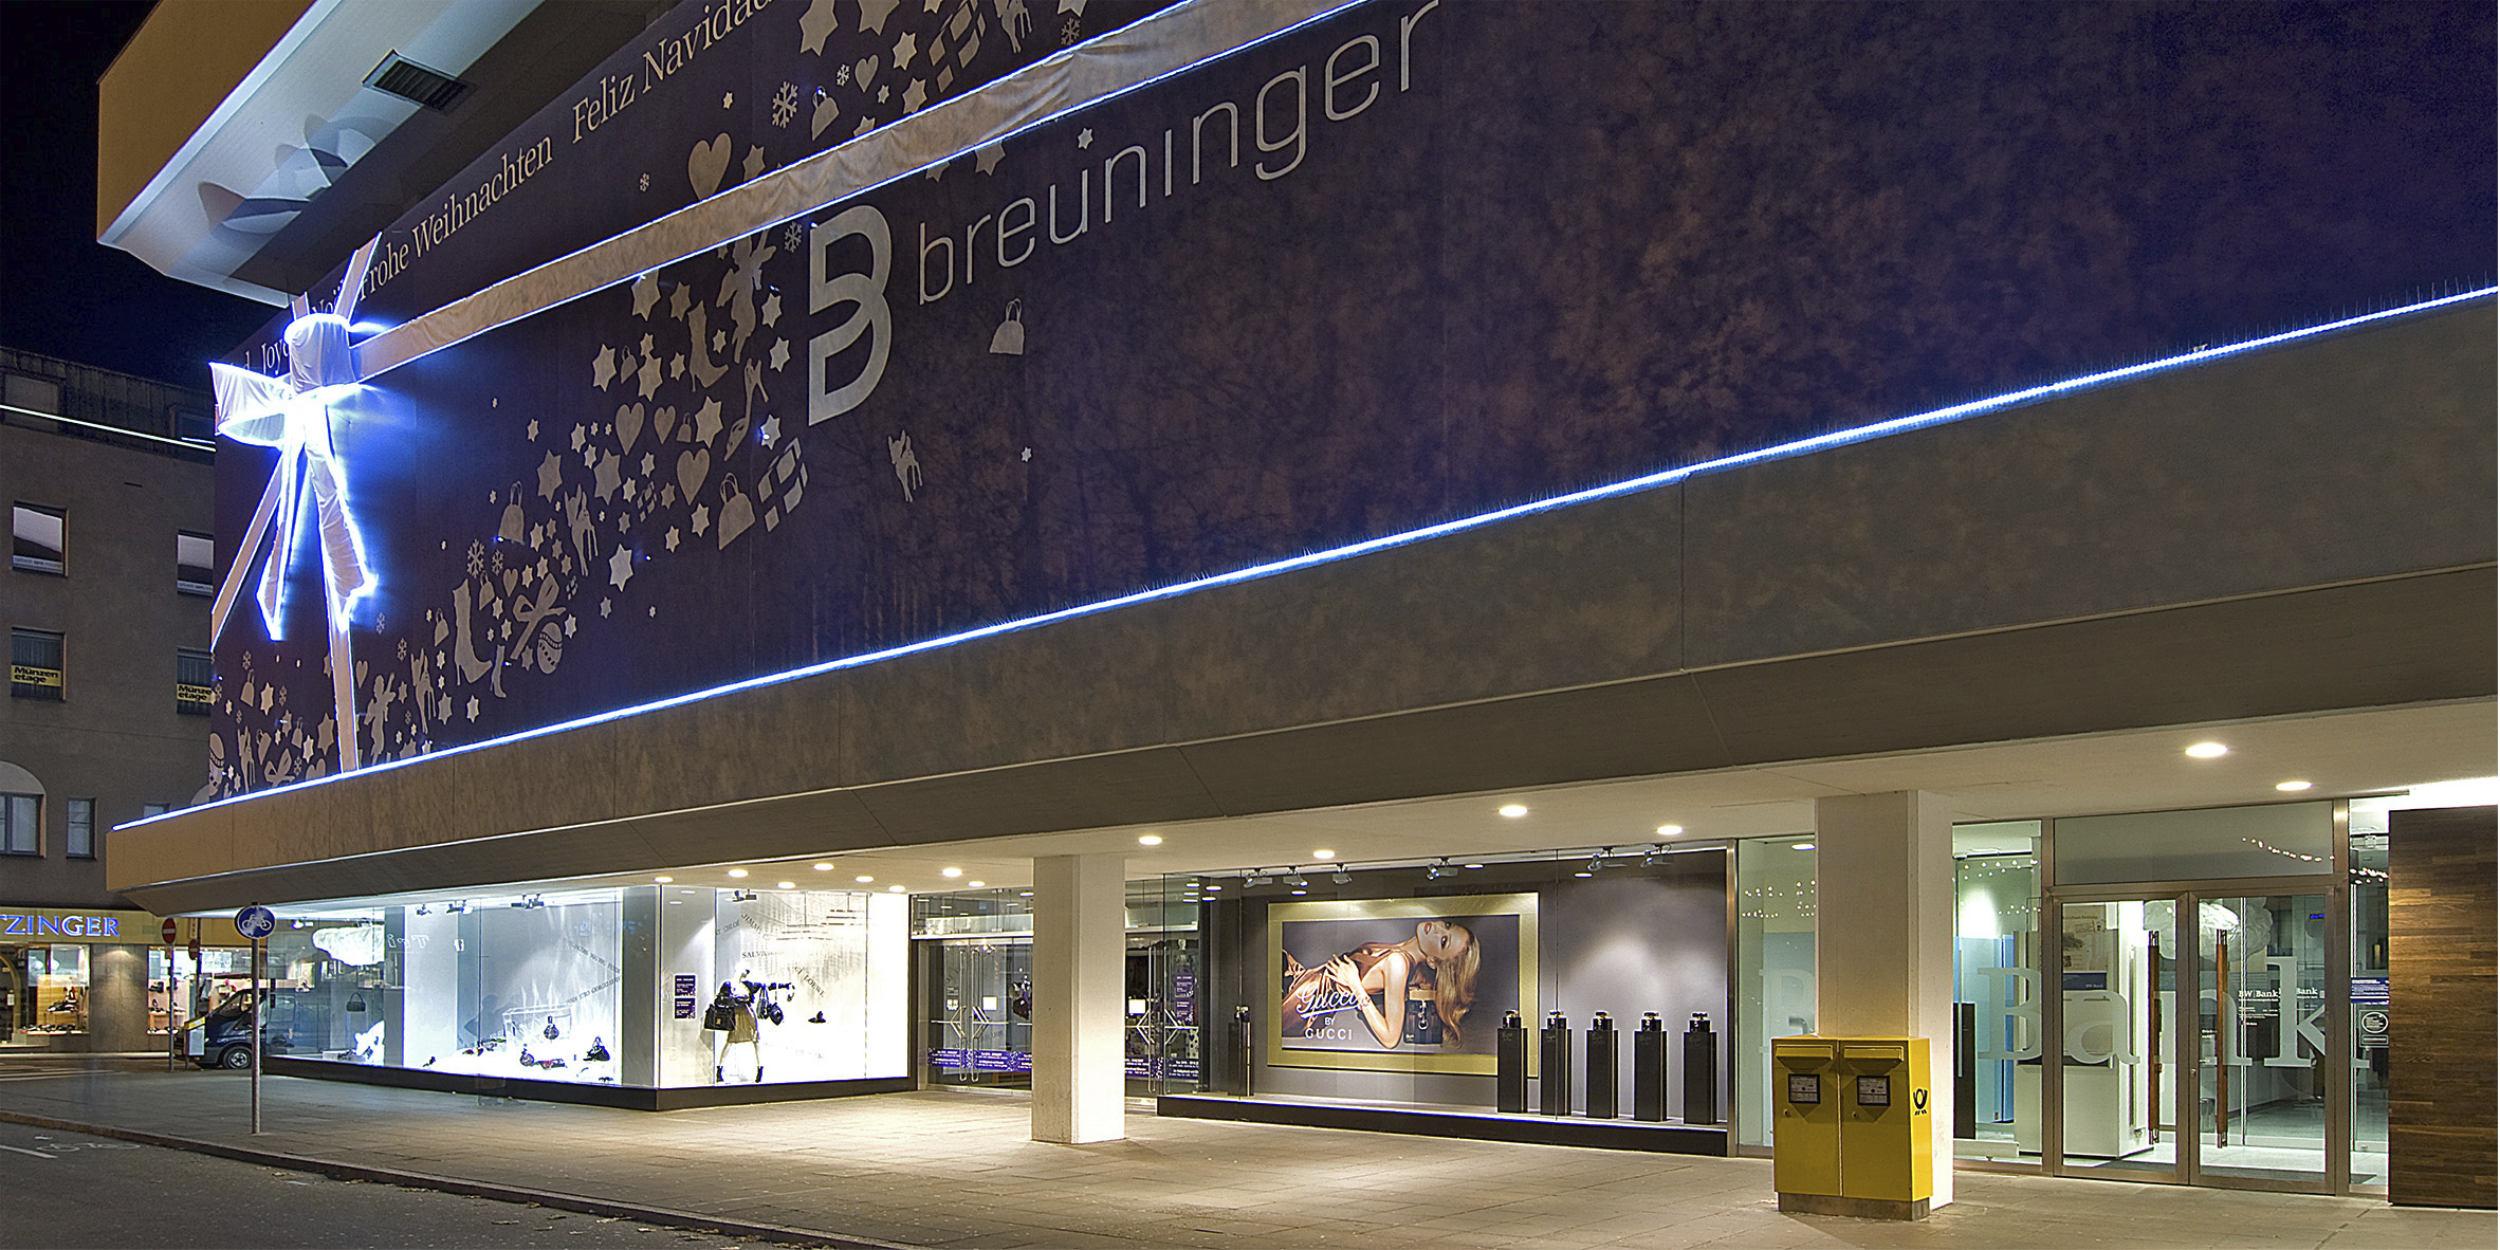 Architekturfotografie Stuttgart und Umgebung GUCCI Promotion Breuninger Stuttgart Aussenarchitektur Innenarchitektur richtige Zeit richtiger Ort